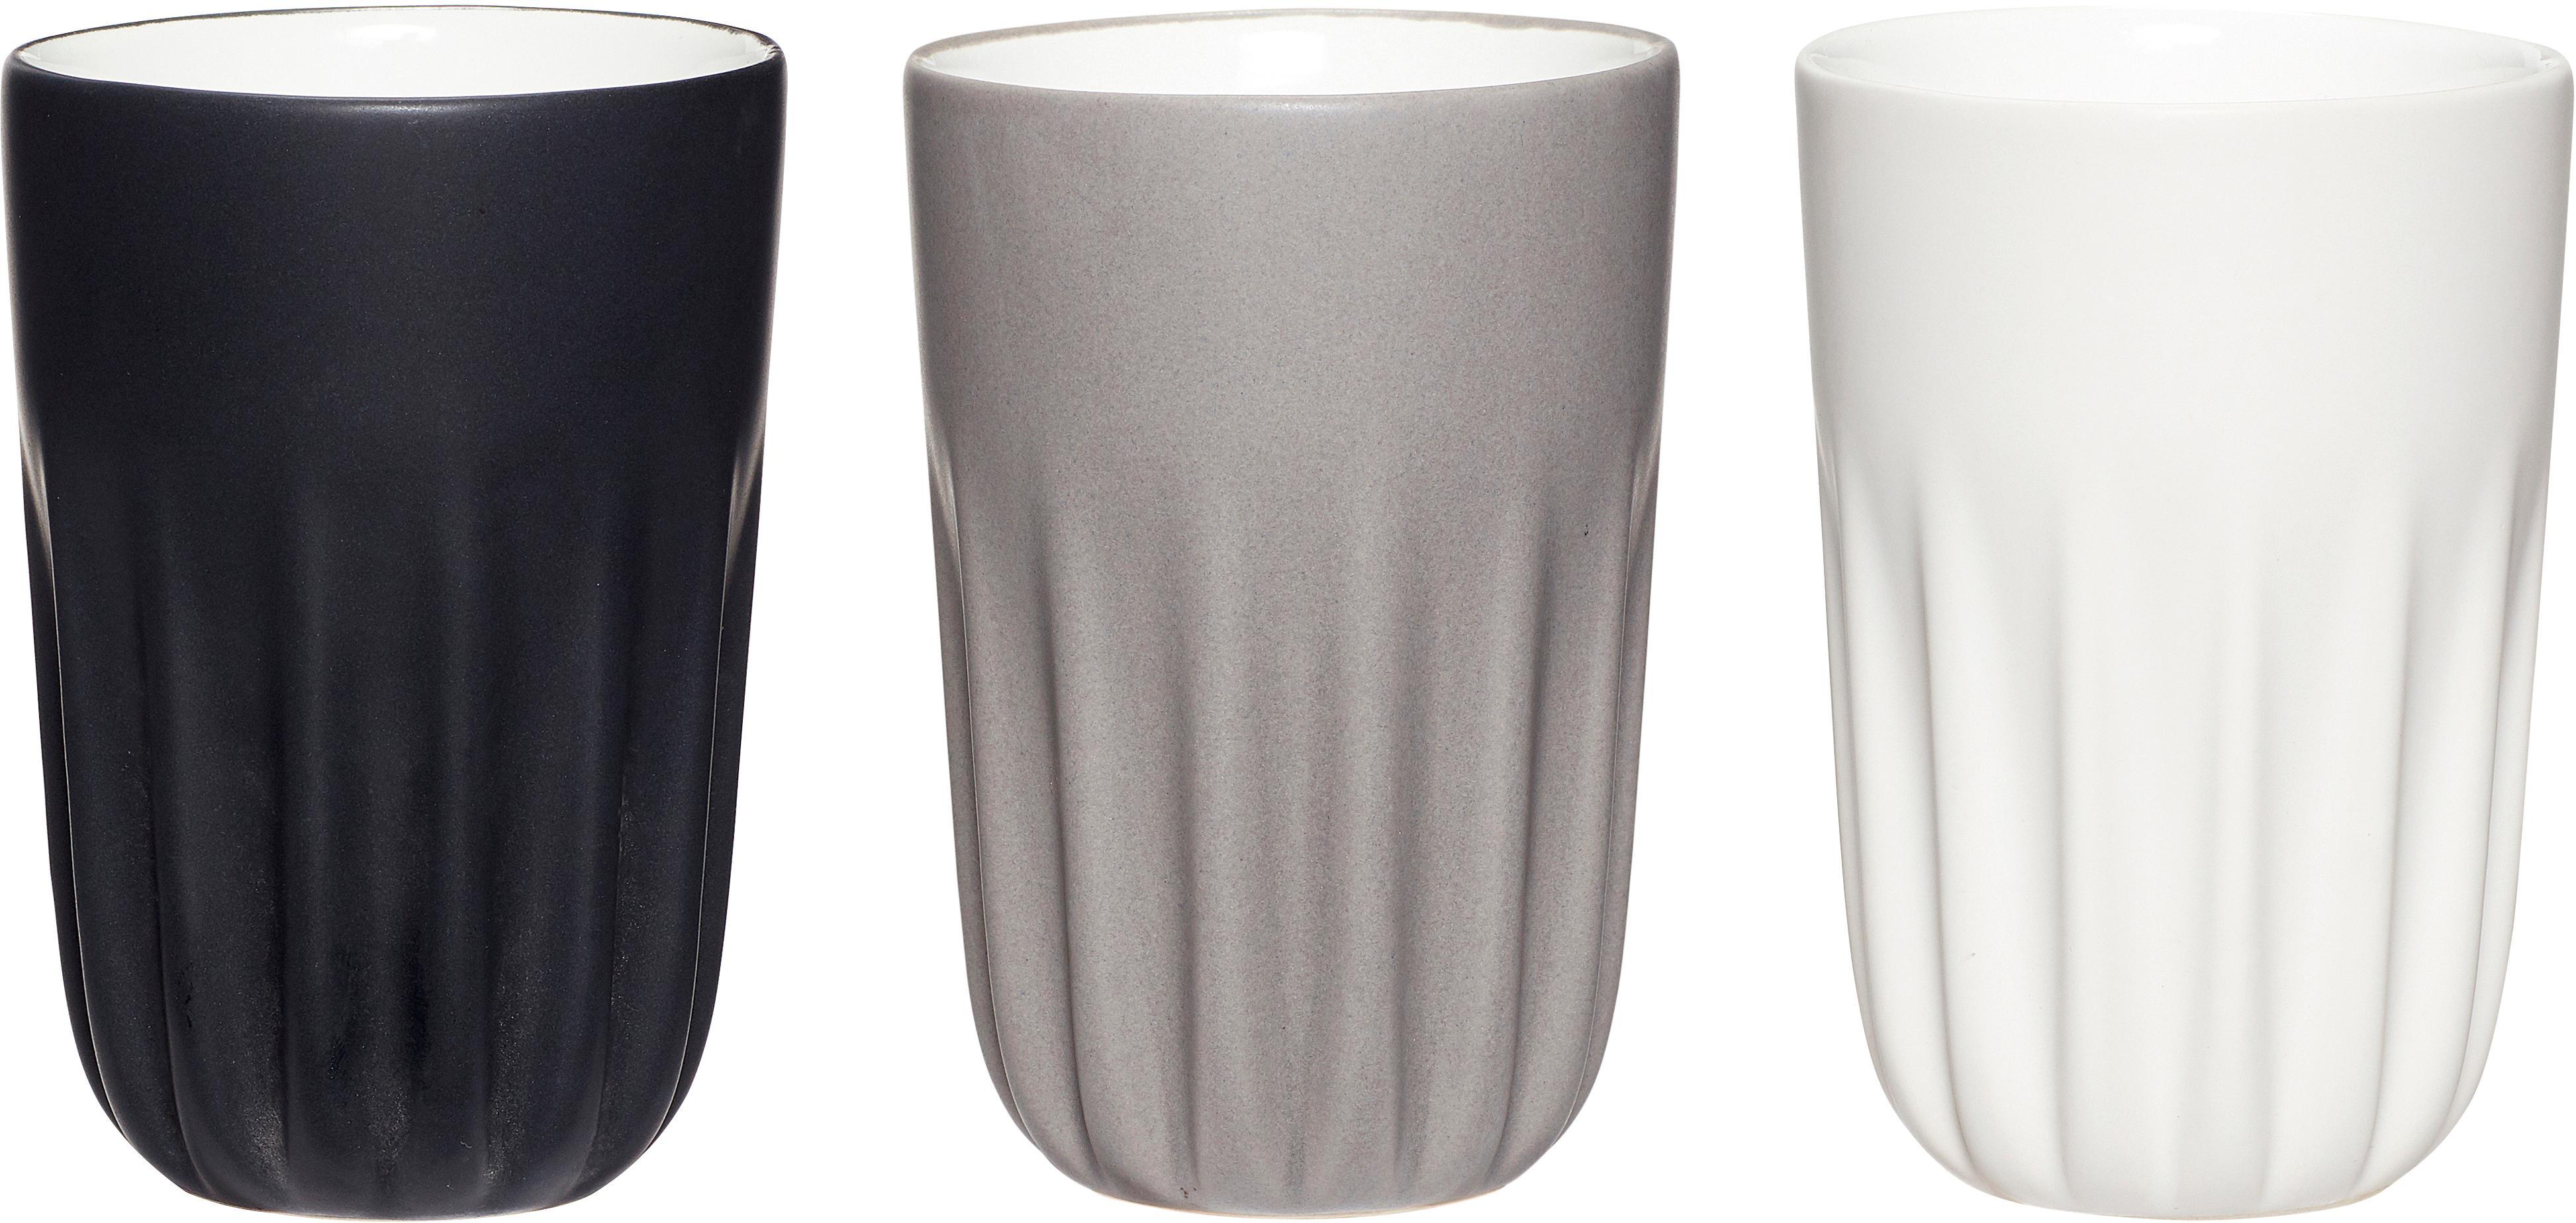 Set tazze in ceramica Erlang 3 pz, Ceramica, Bianco, nero, grigio, Ø 8 x Alt. 12 cm